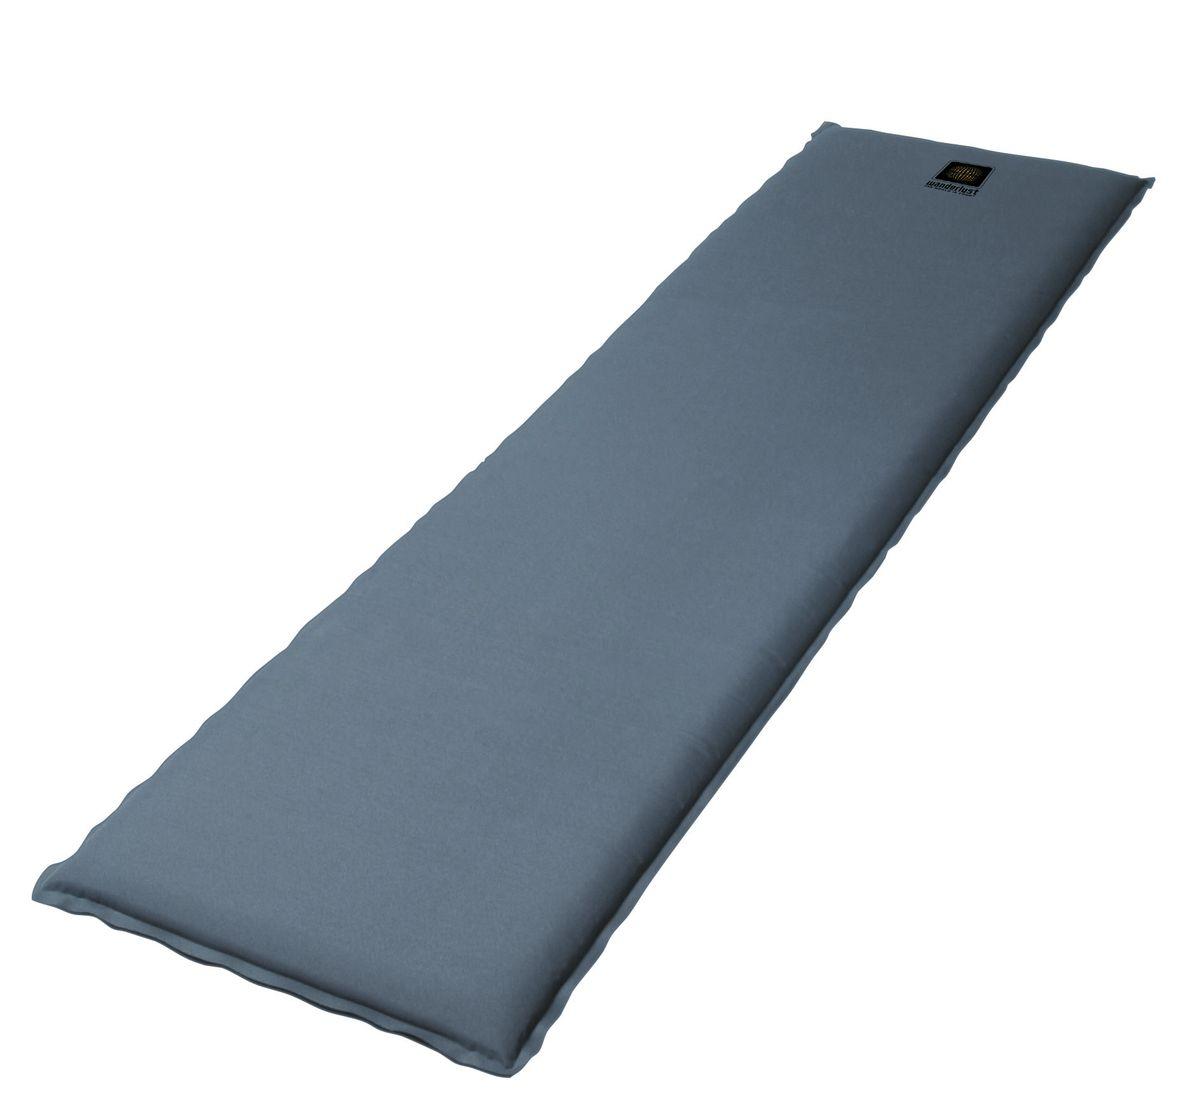 Коврик самонадувающийся Wanderlust Selfi M 38, цвет: серый, черный, 183 см х 51 см х 3,8 см915727Самонадувающийся туристический коврик Wanderlust Selfi M 38 предназначен для теплоизоляции, например, между почвой и телом лежащего человека, а также для предохранения спального мешка от повреждений и влаги. Очень простой в использовании, легко и быстро надувается, компактный и легкий. Для того, чтобы надуть коврик, просто откройте клапан, через пару минут коврик расправится и закройте клапан. Коврик готов к использованию! Он не даст вам замерзнуть и сделает отдых более комфортным даже на корнях или на камнях. Увеличенная толщина дает дополнительный комфорт. Изделие отличается прочностью и износостойкостью.Особенности коврика:Удобно надувается и для этого не требуется ваших усилий.Идеальное решение для использования в качестве напольного коврика, подстилки под спальный мешок или спального коврика гостей.Благодаря толстой прослойке из воздуха и пенистого материала коврик прекрасно защищает от сырости и холода, исходящего от земли или пола.Высокий комфорт на любой поверхности.Износостойкий и моющийся наружный материал, обладающий противоскользящими свойствами.Полная склейка.